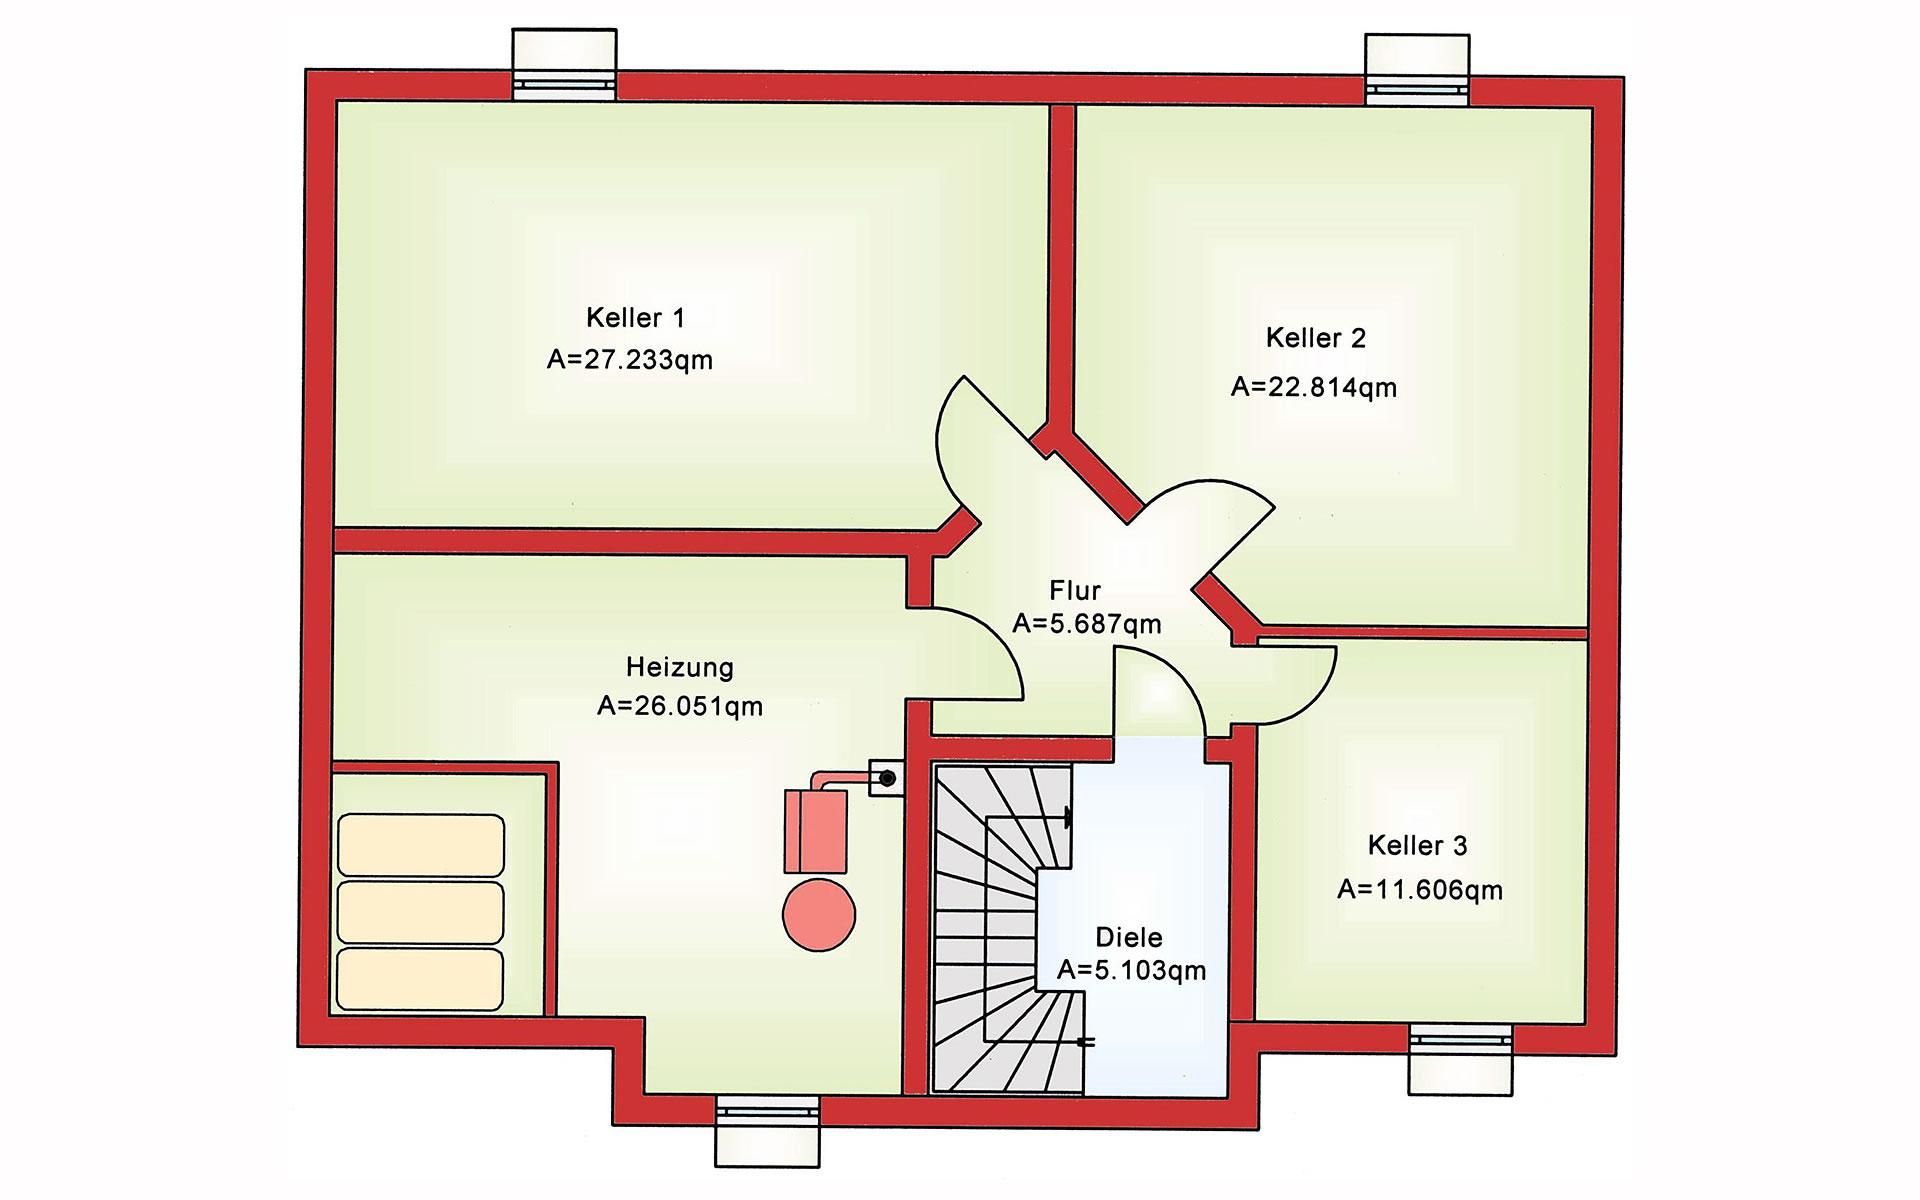 Keller Zweifamilienhaus BS 181 von B&S Selbstbausysteme GmbH & Co. KG